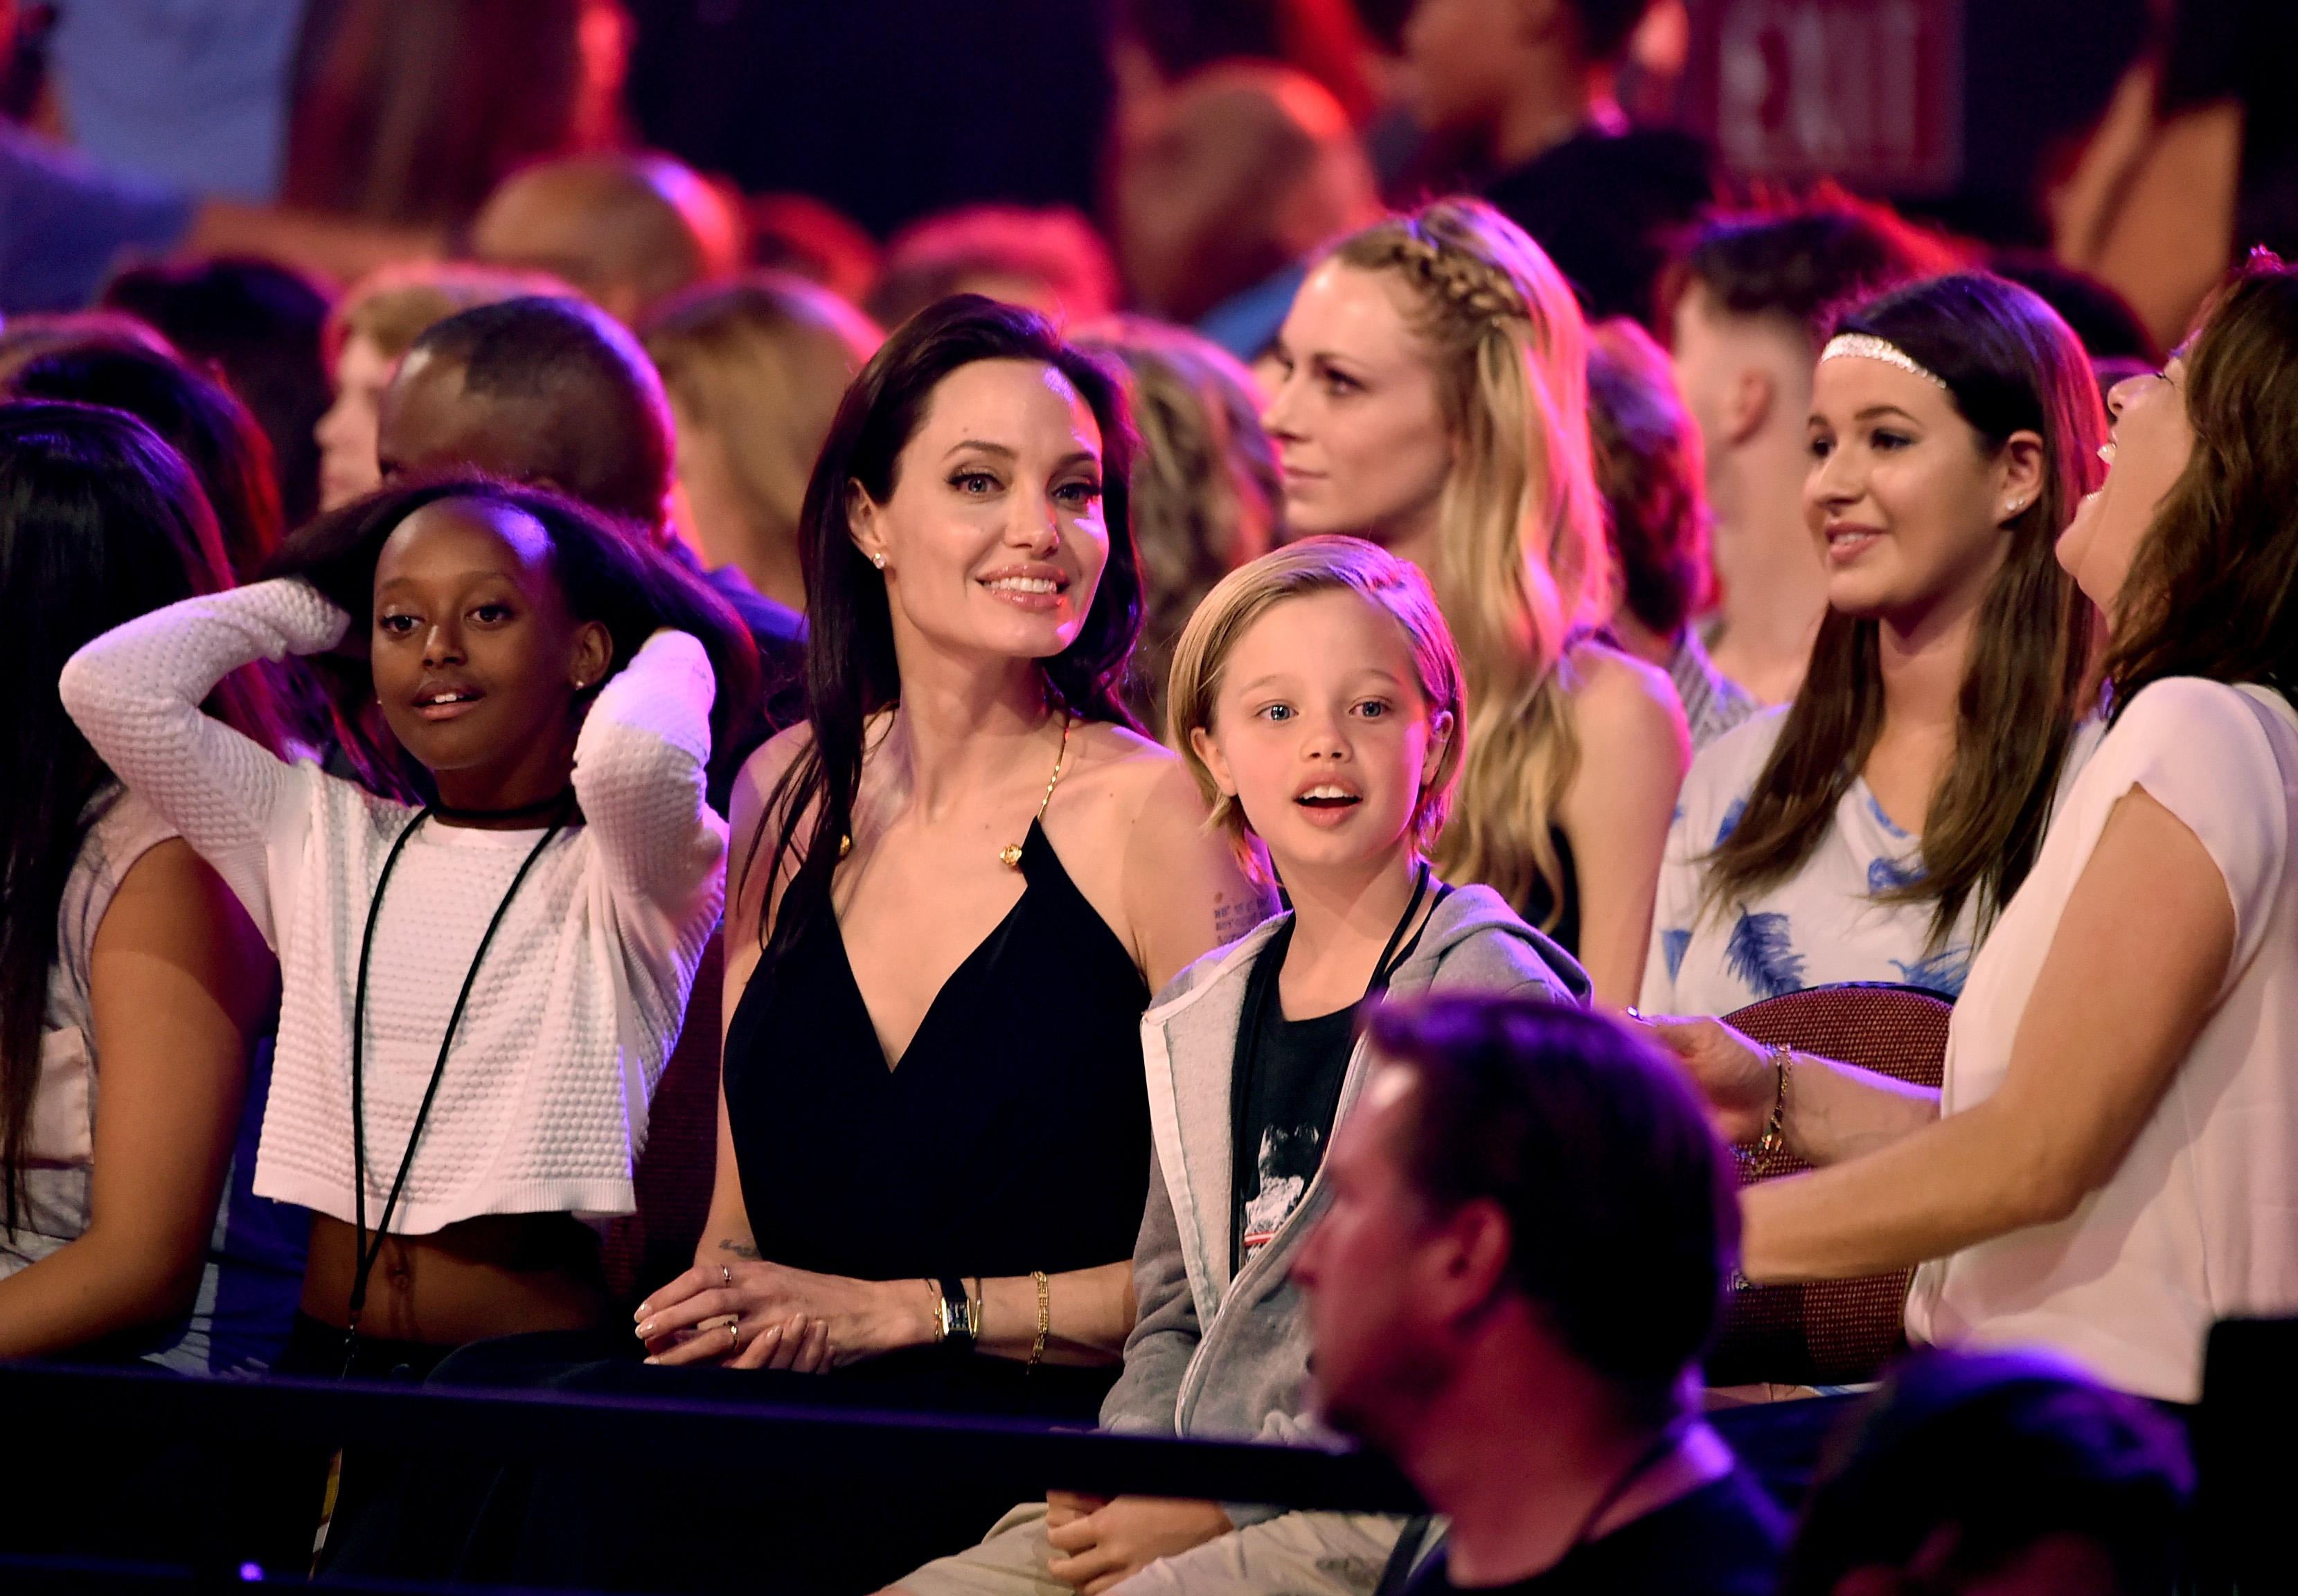 СМИ: Мать приёмной дочери Джоли просит актрису дать ей пообщаться с ребёнком